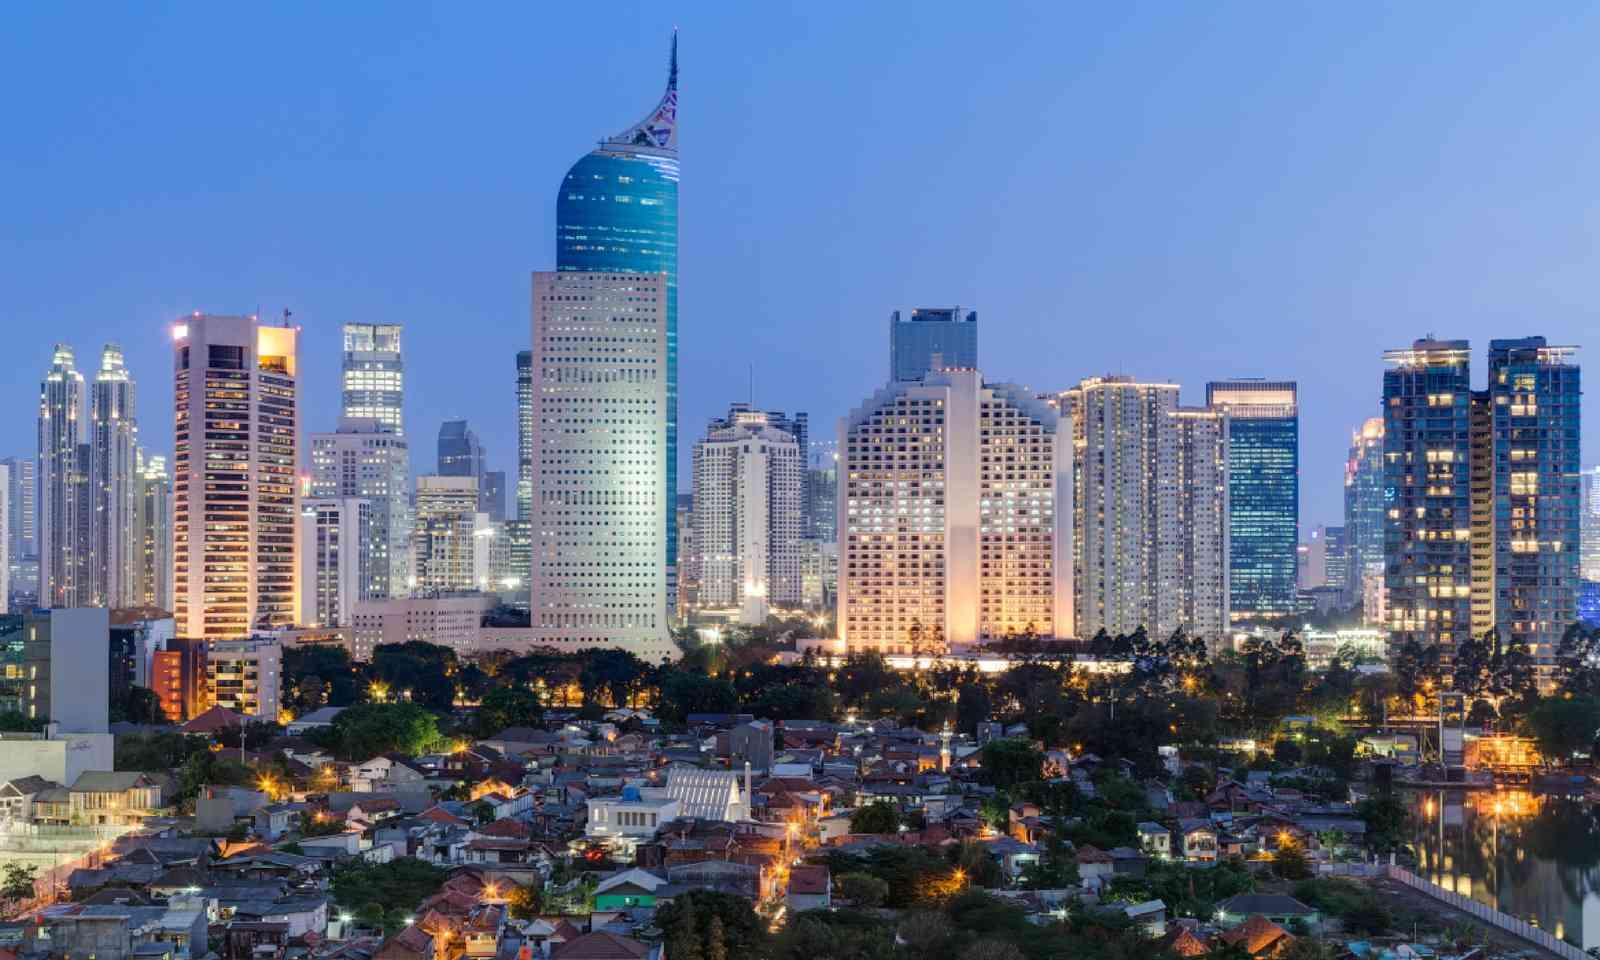 Jakarta (Shutterstock)